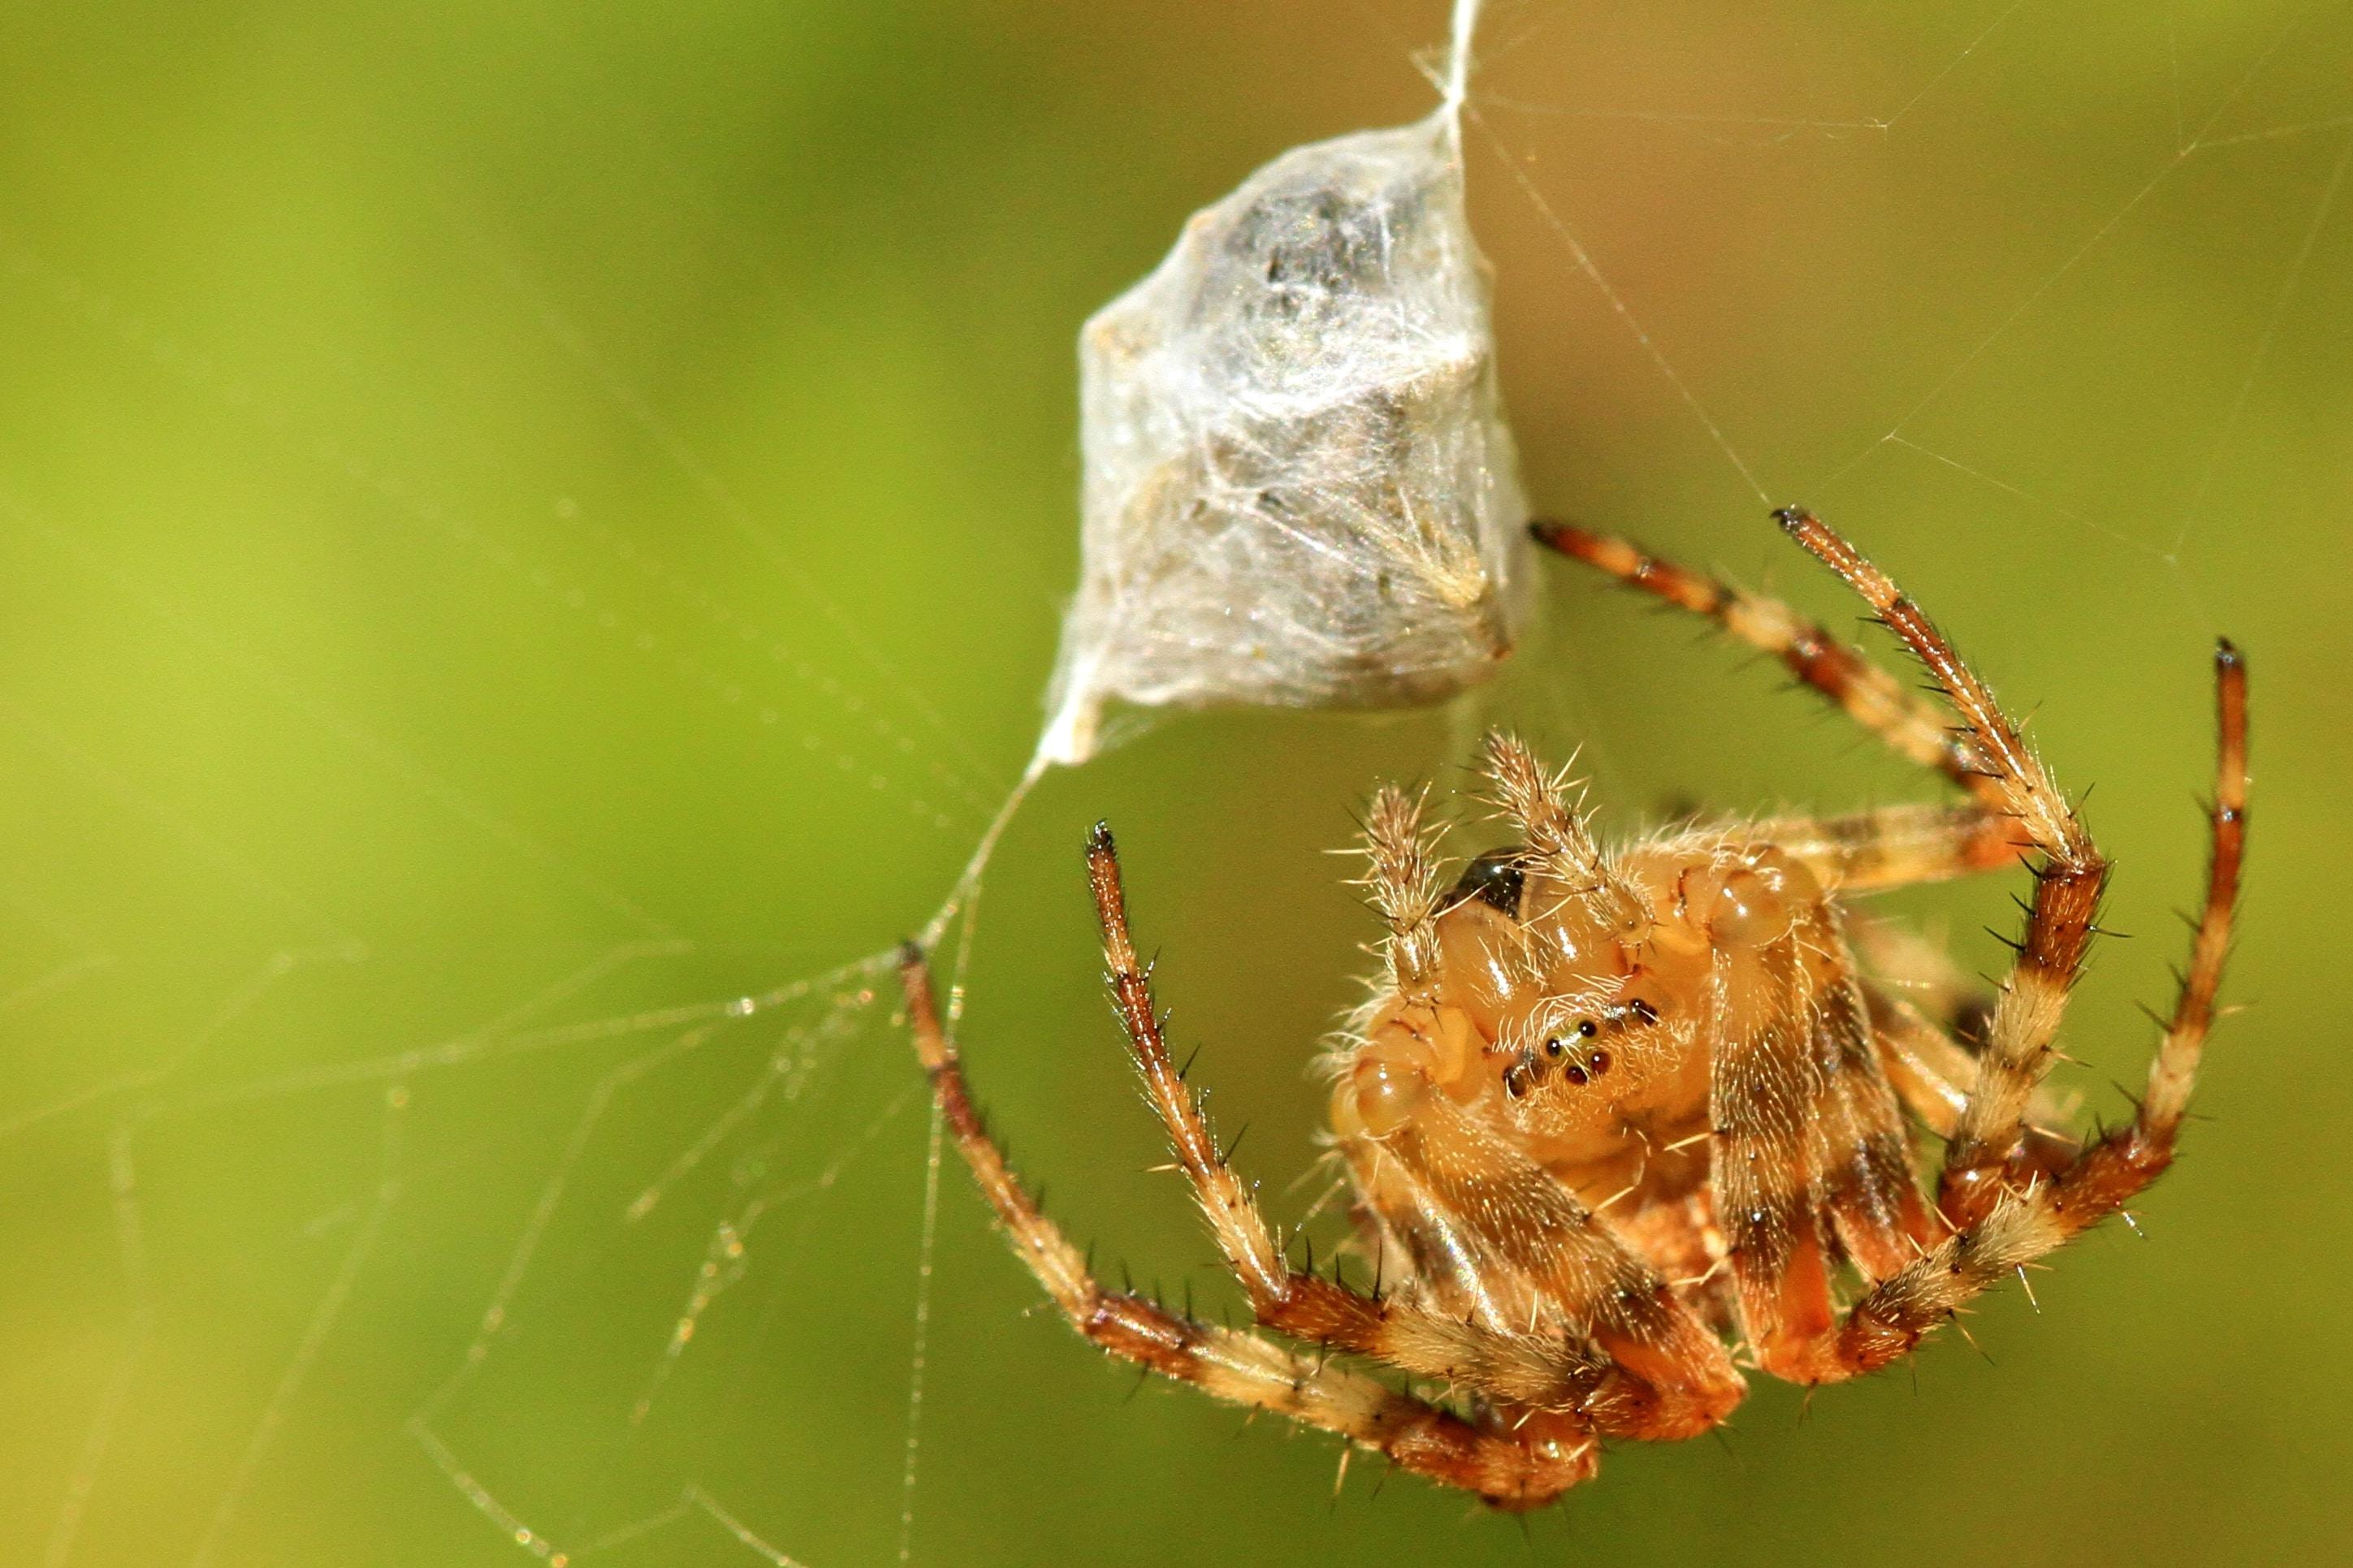 brown orb weaver hanging on web